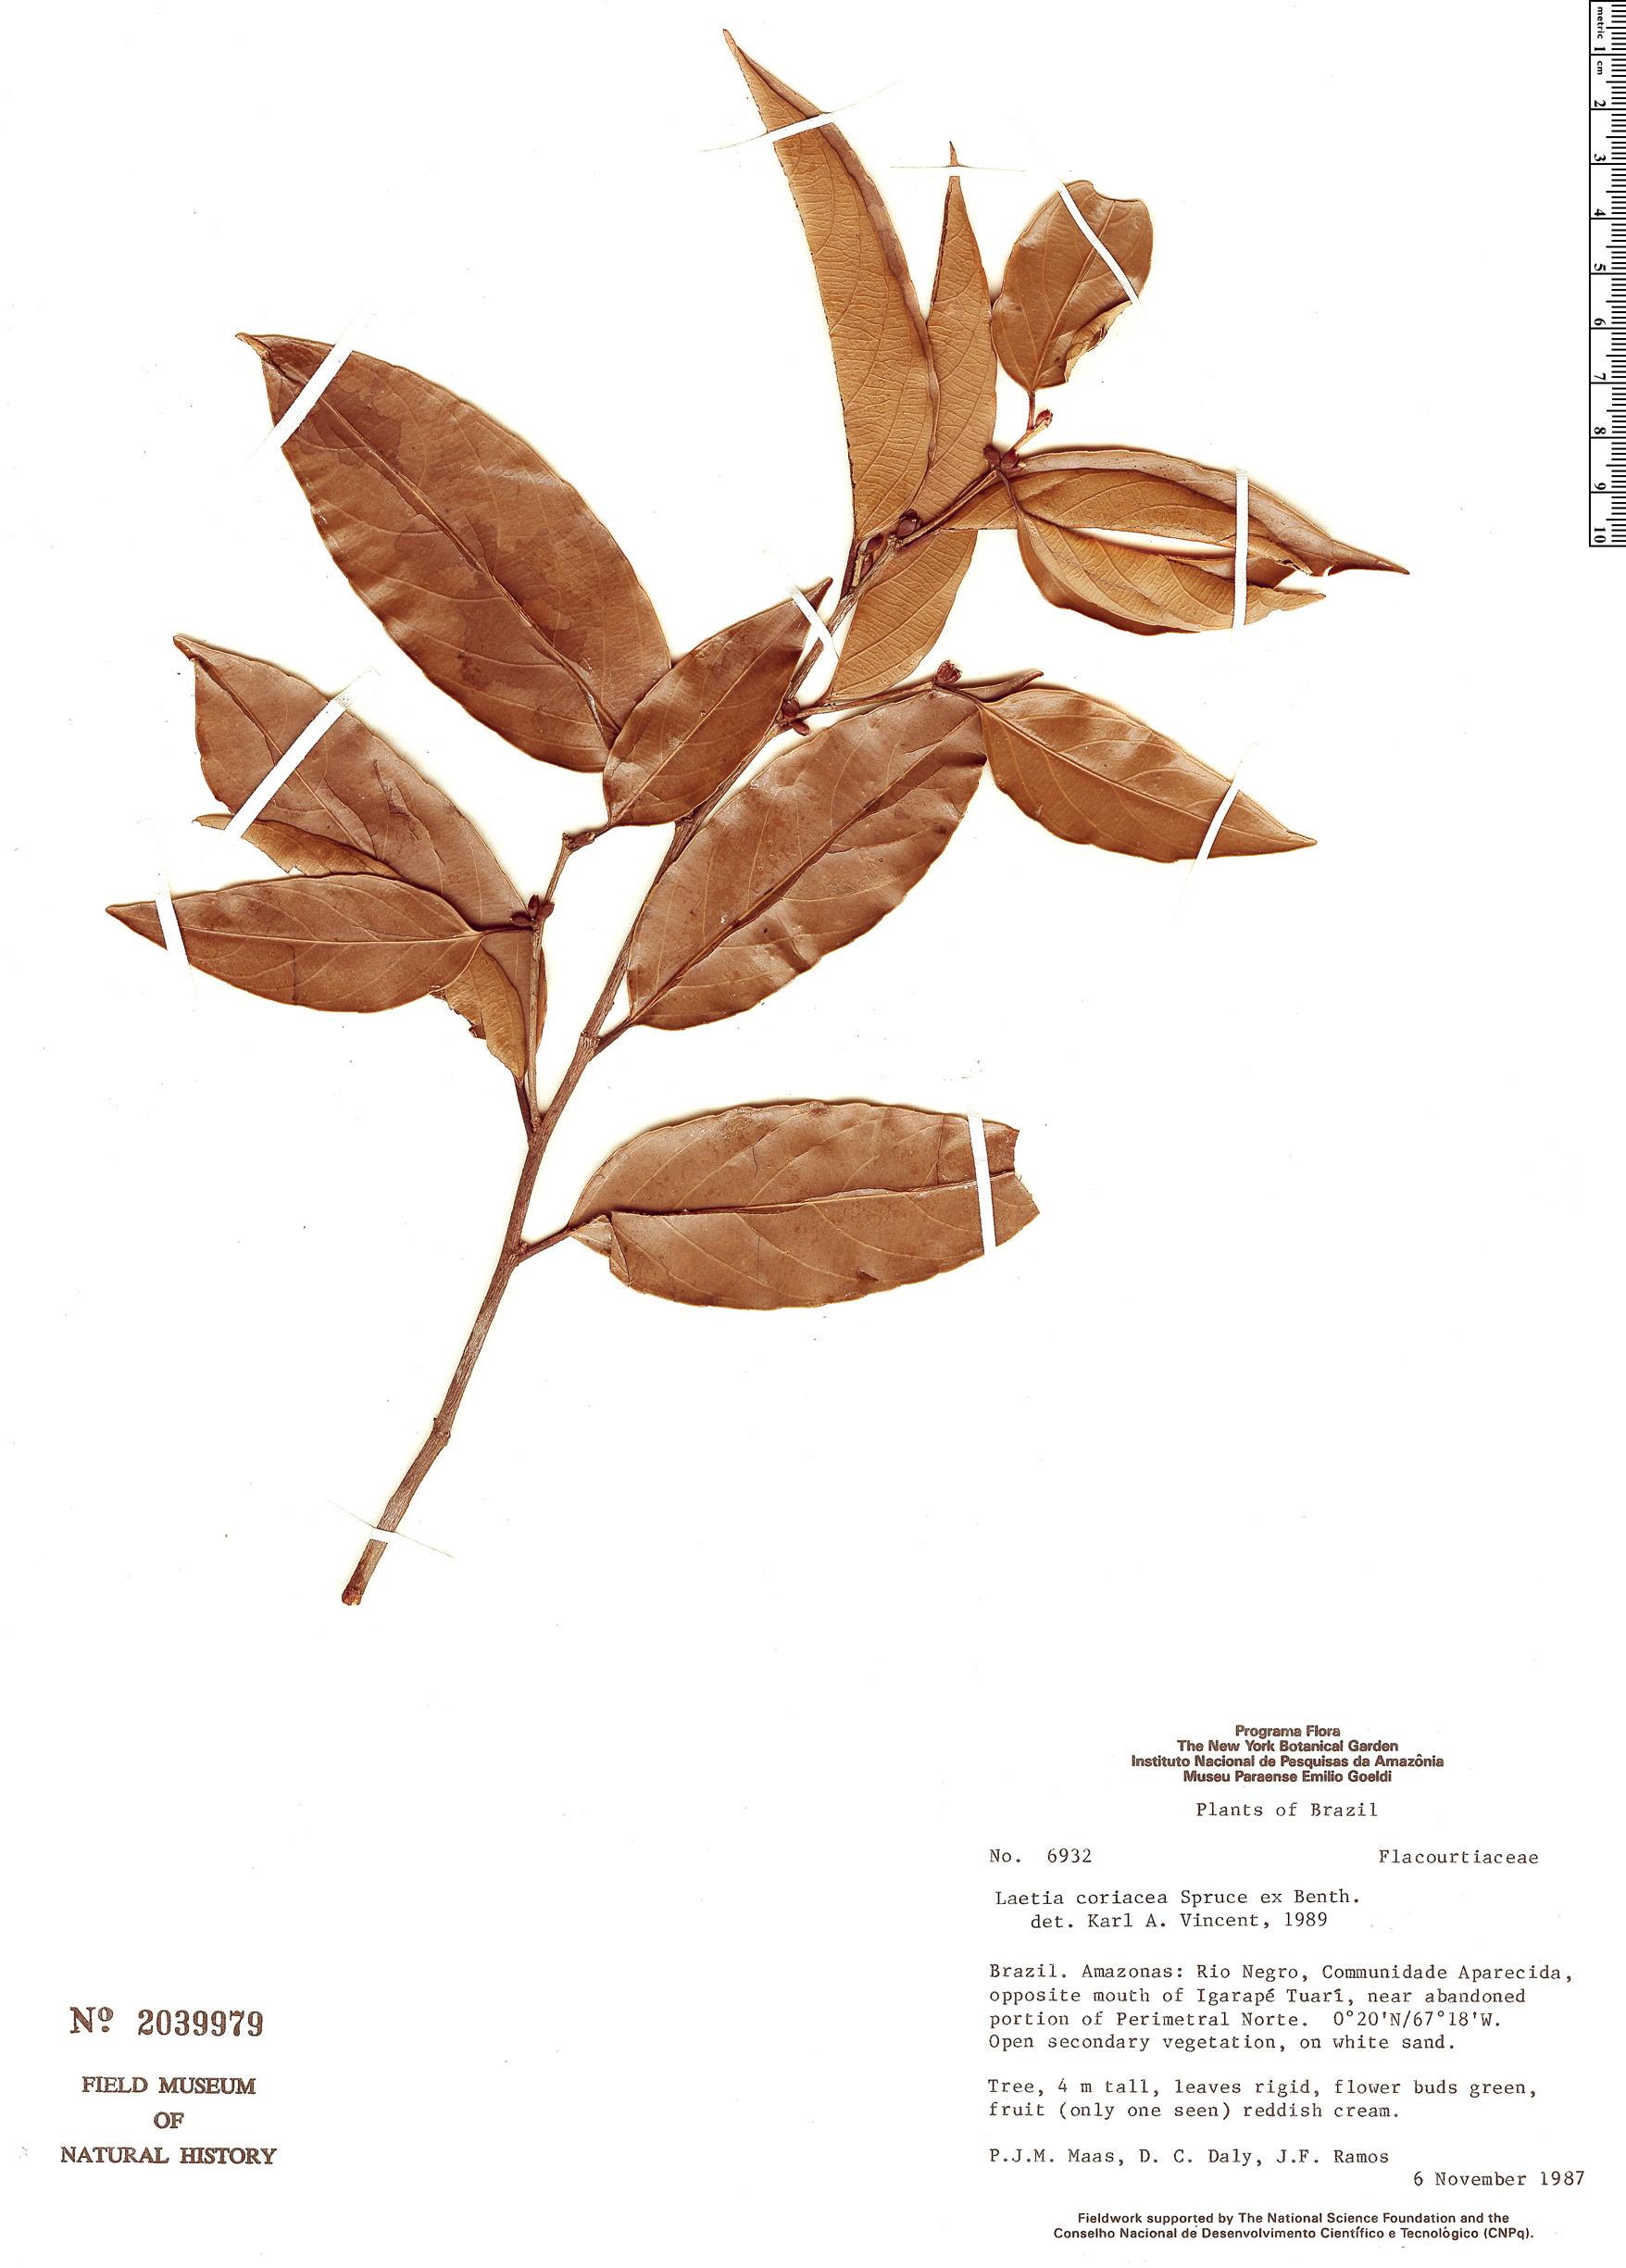 Specimen: Laetia coriacea